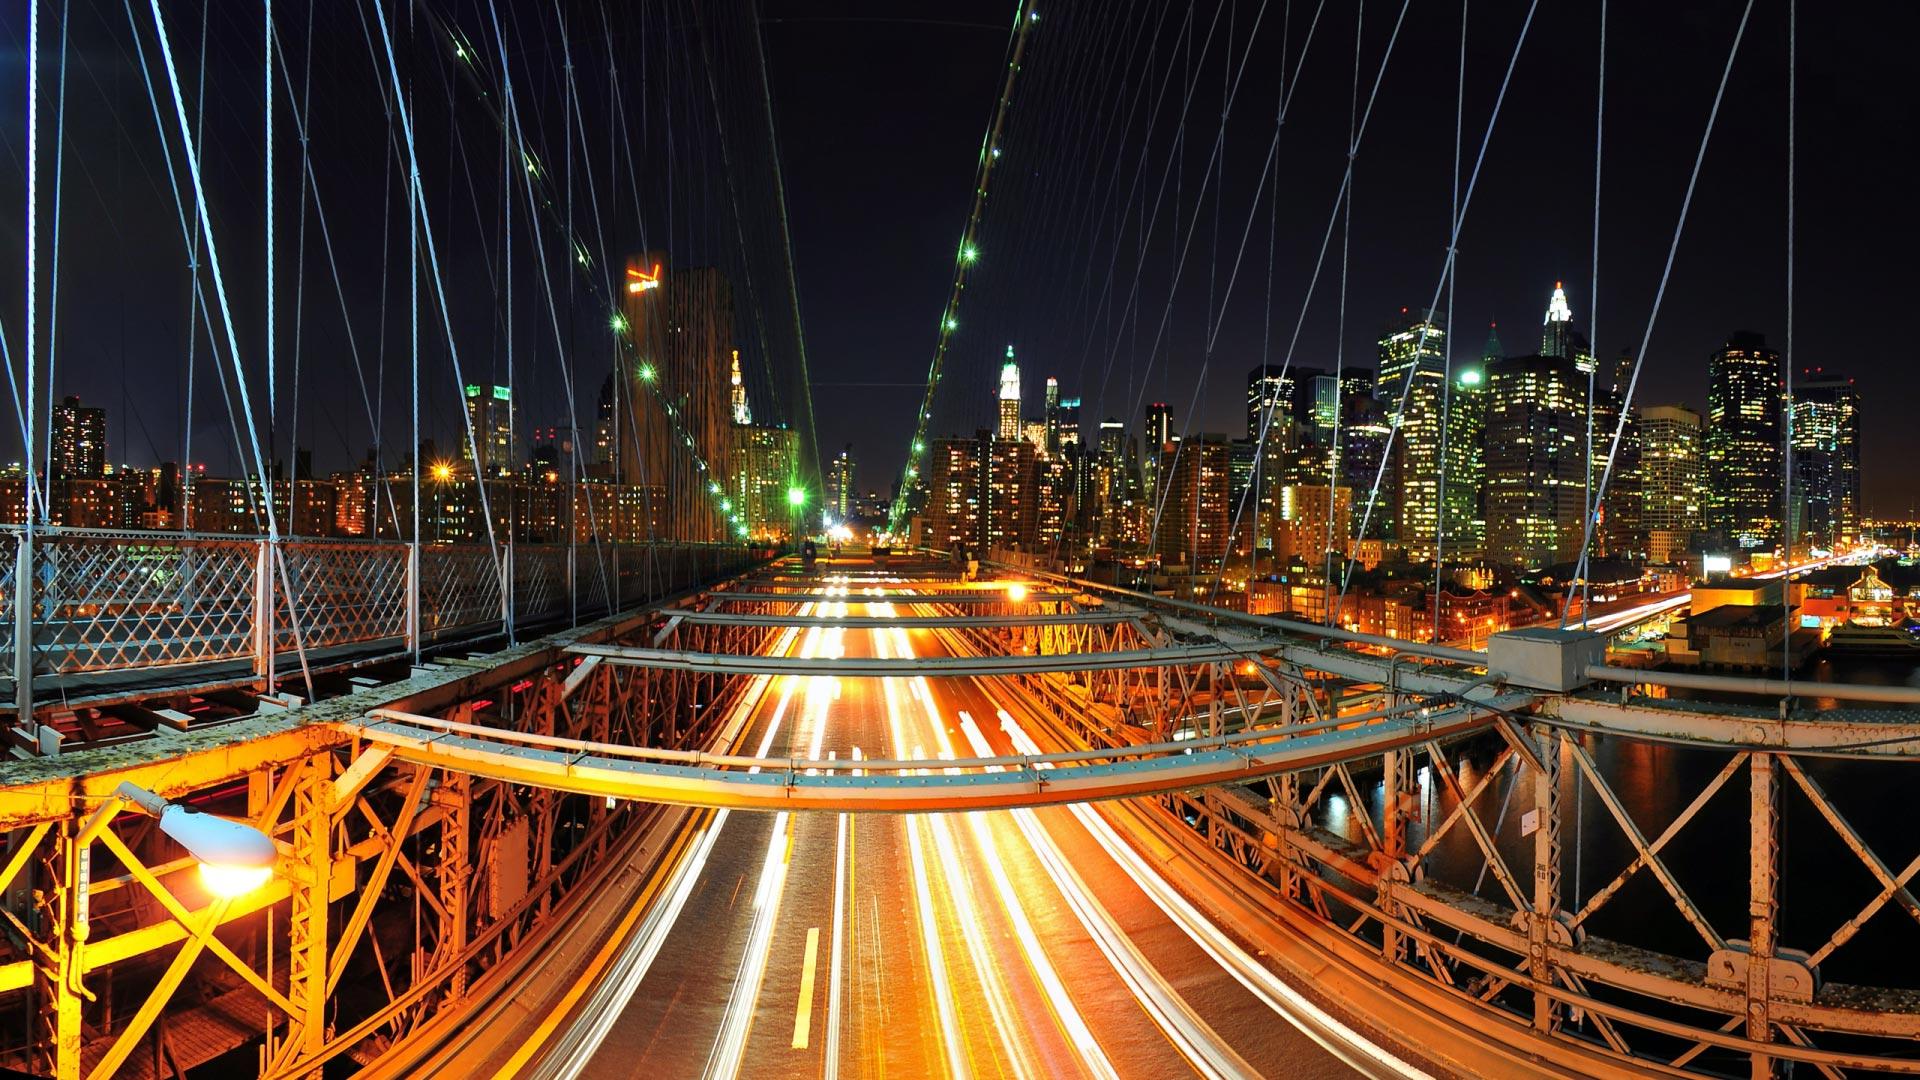 Бруклинский мост обои на рабочий стол 5